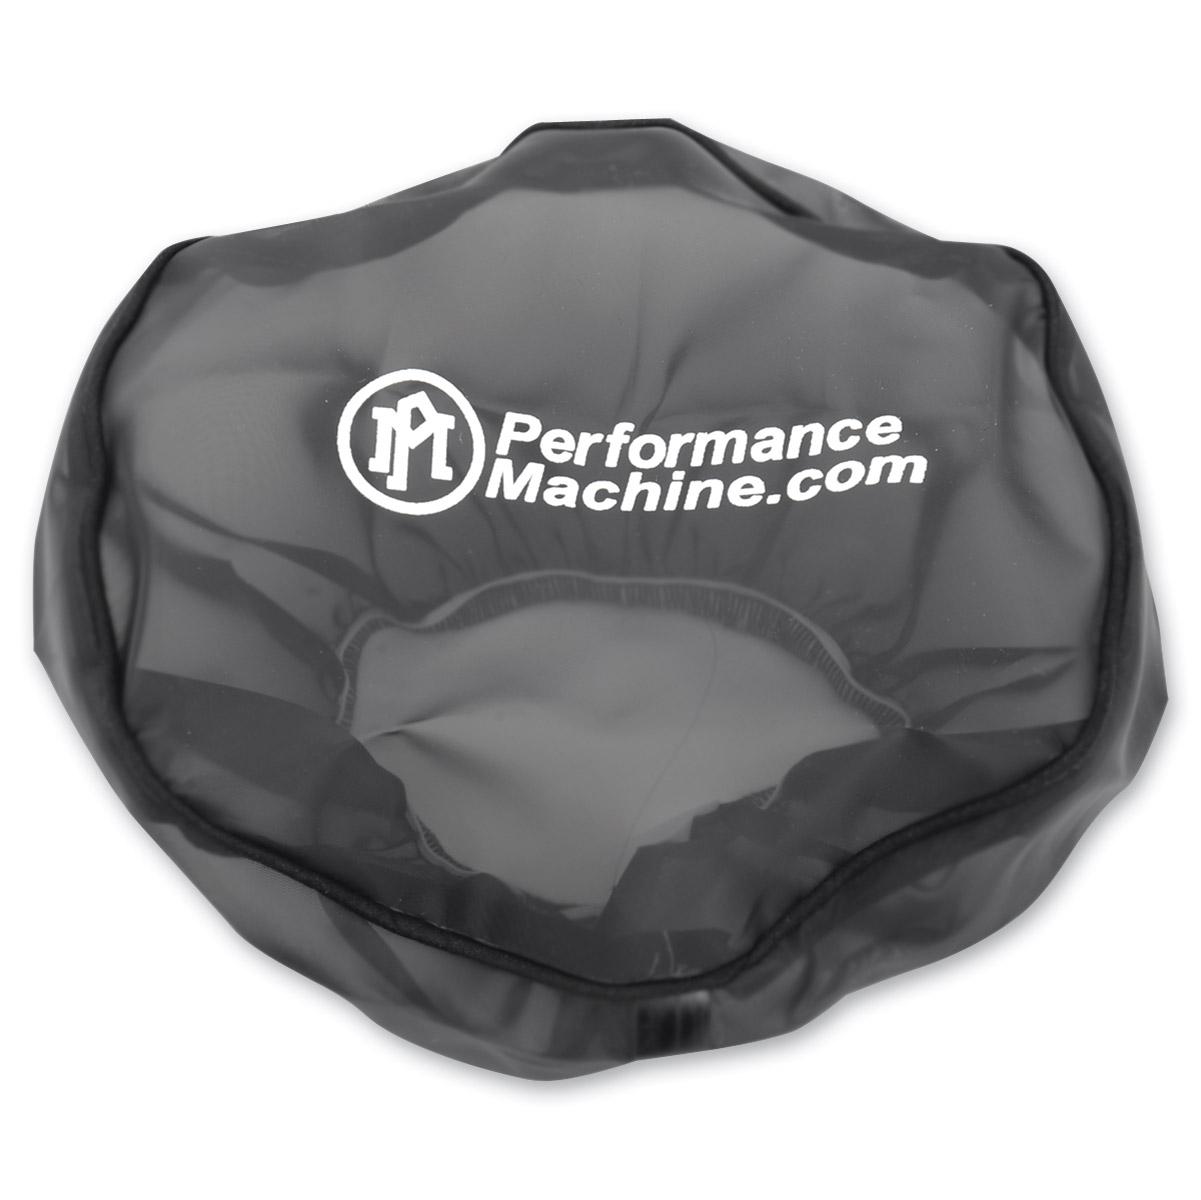 Performance Machine Pull Over Rainsock